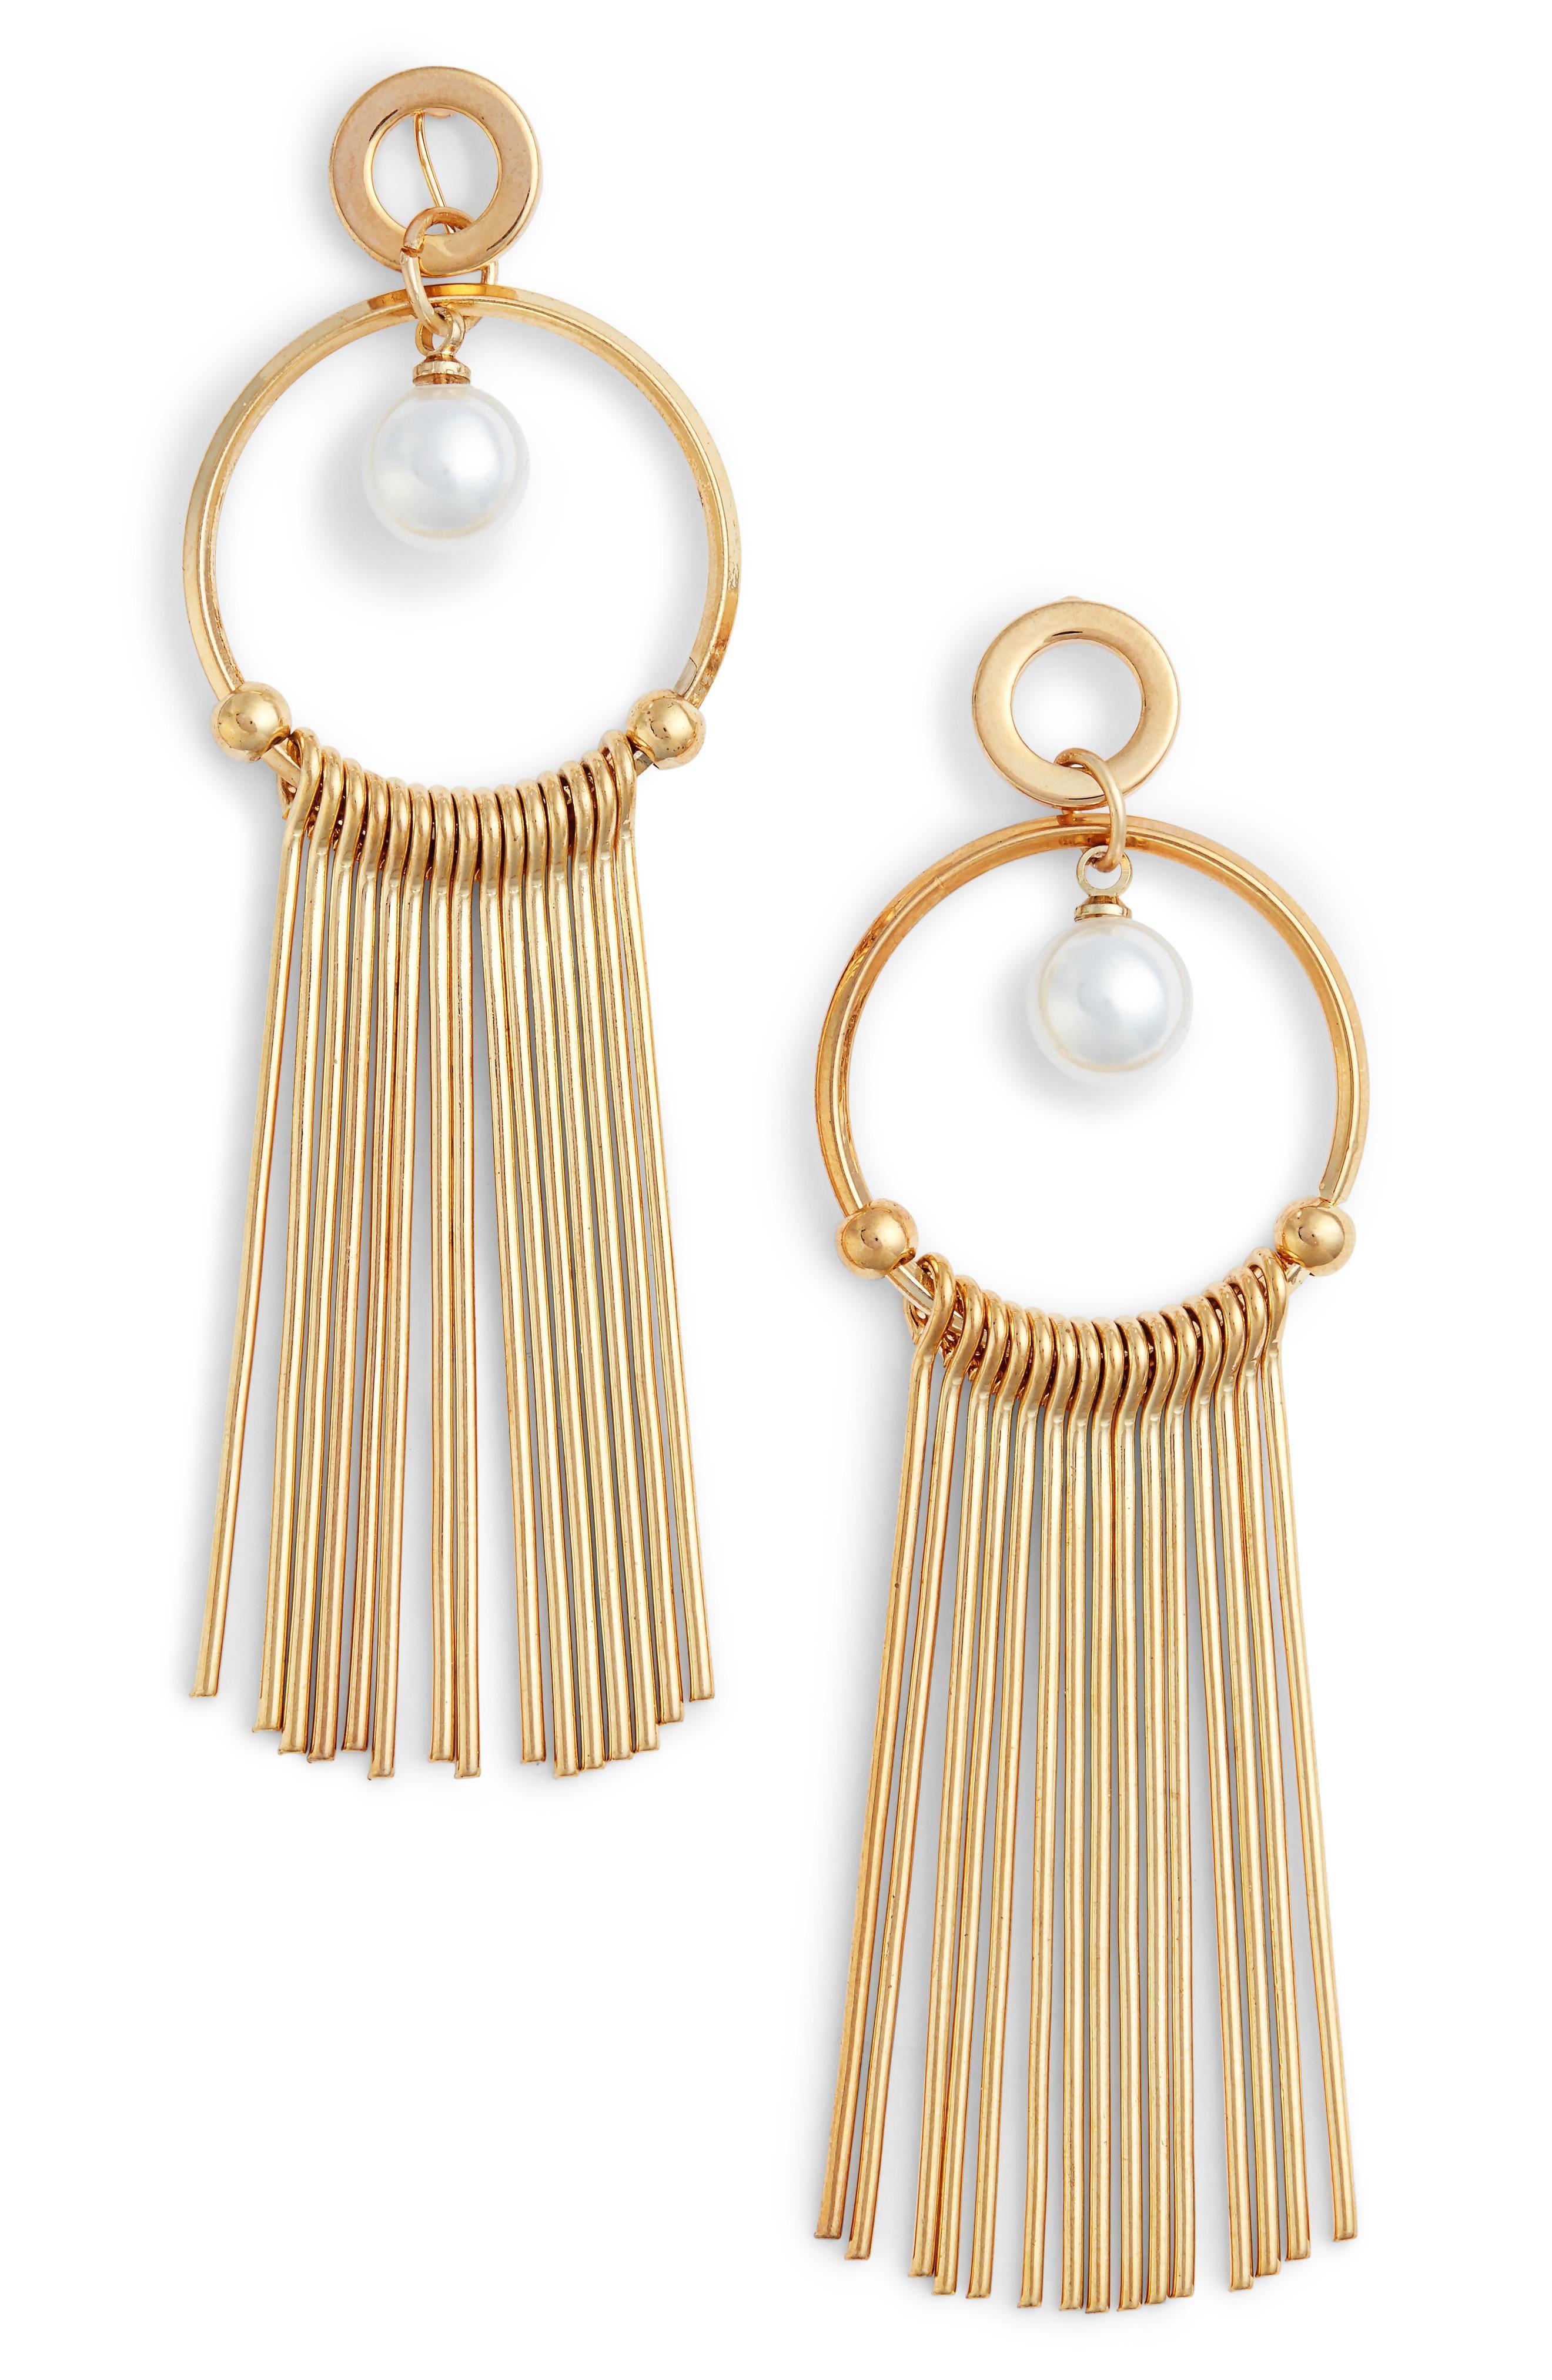 Elise M. Lilia Spike & Crystal Hoop Earrings In Pearl